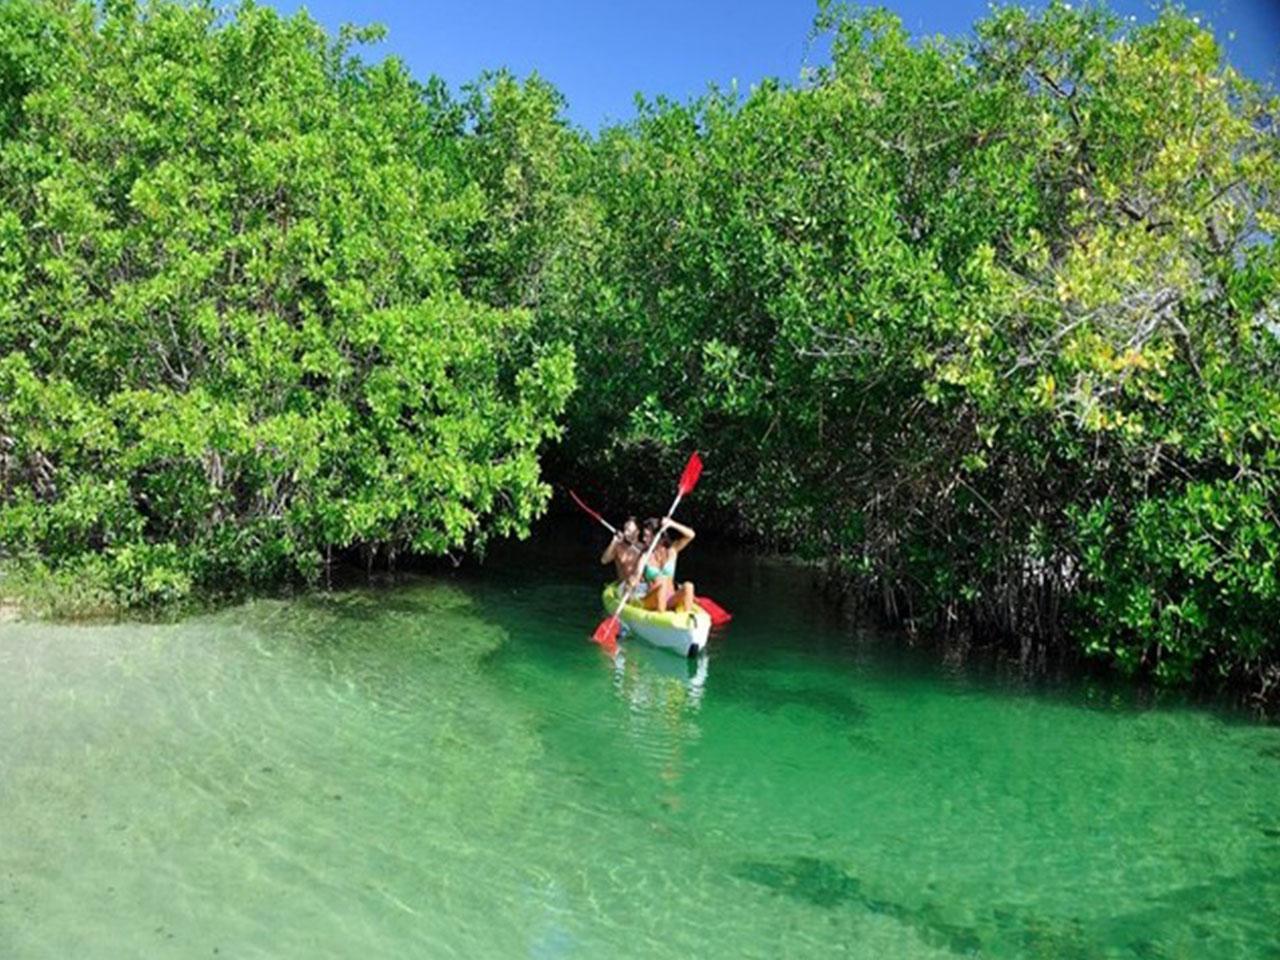 Bodas en la playa paquetes - agua verde